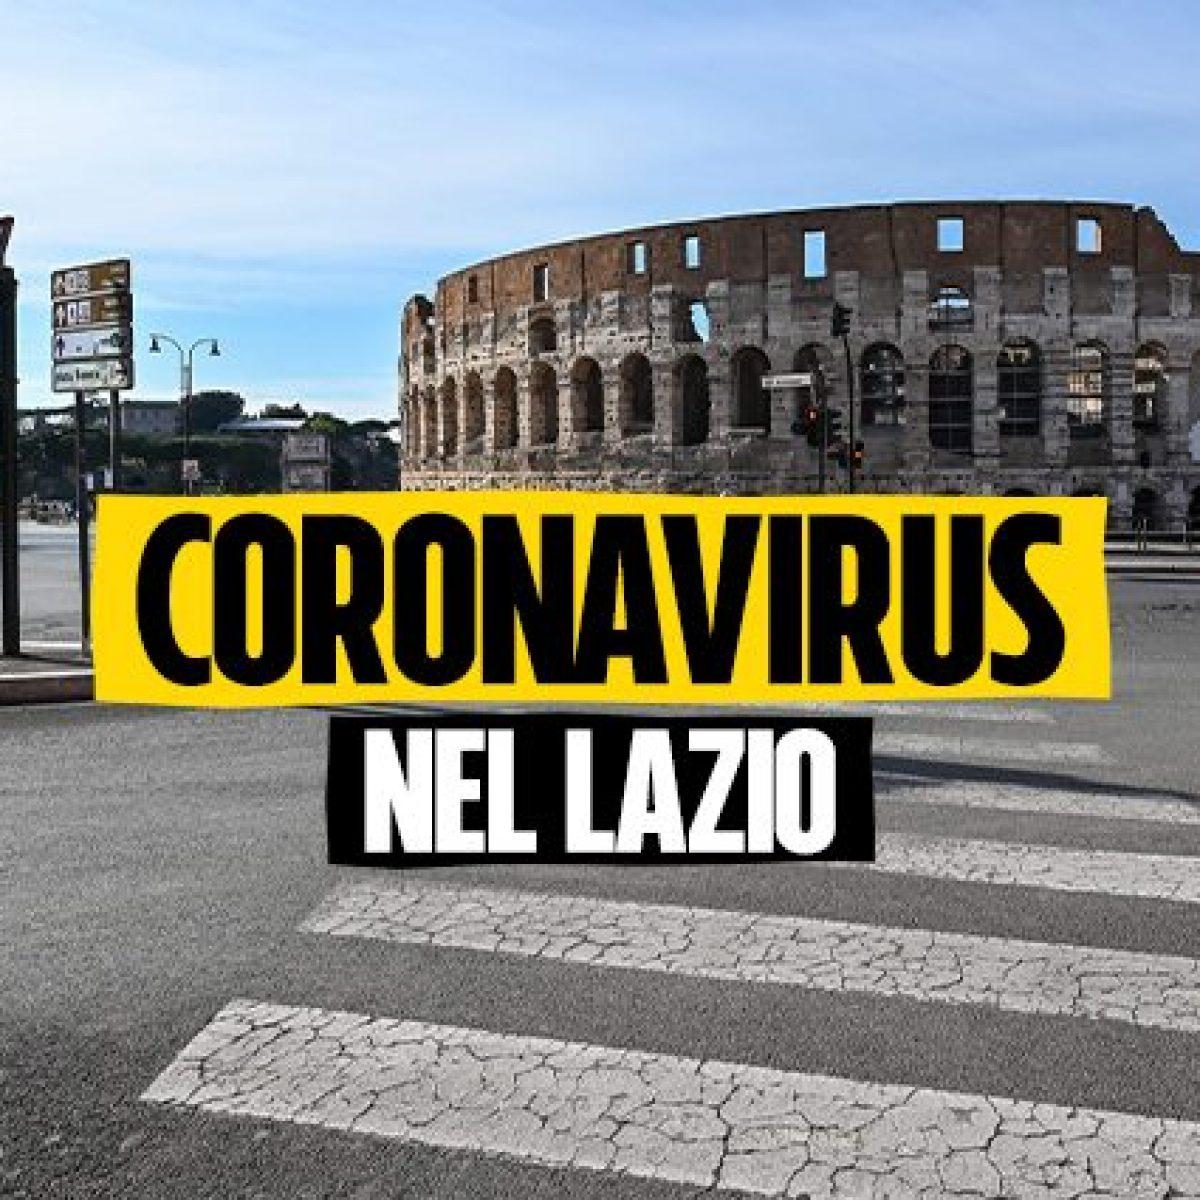 Coronavirus Lazio Bollettino Di Giovedi 22 Ottobre 1251 Positivi E 16 Morti 623 Contagi A Roma